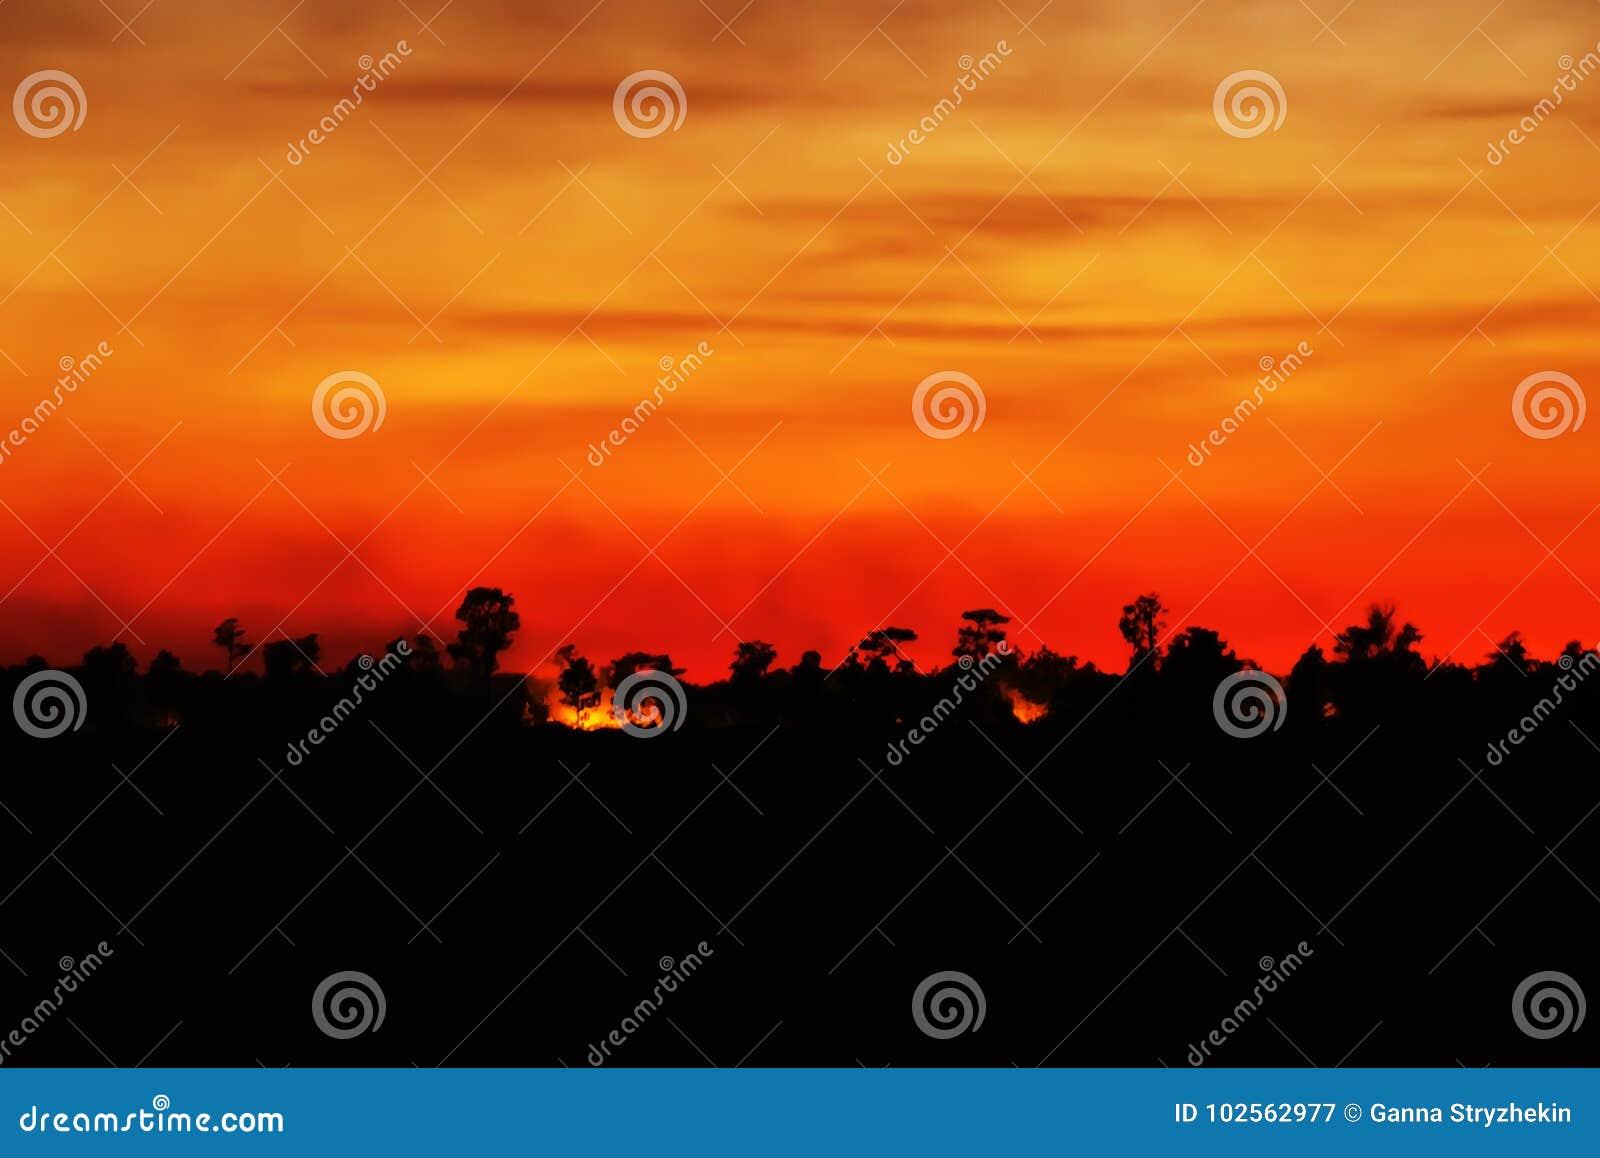 Cielo Rosso Di Notte.Fuoco Di Notte Nel Cielo Rosso Nello Scuro Siluette Di Tramonto